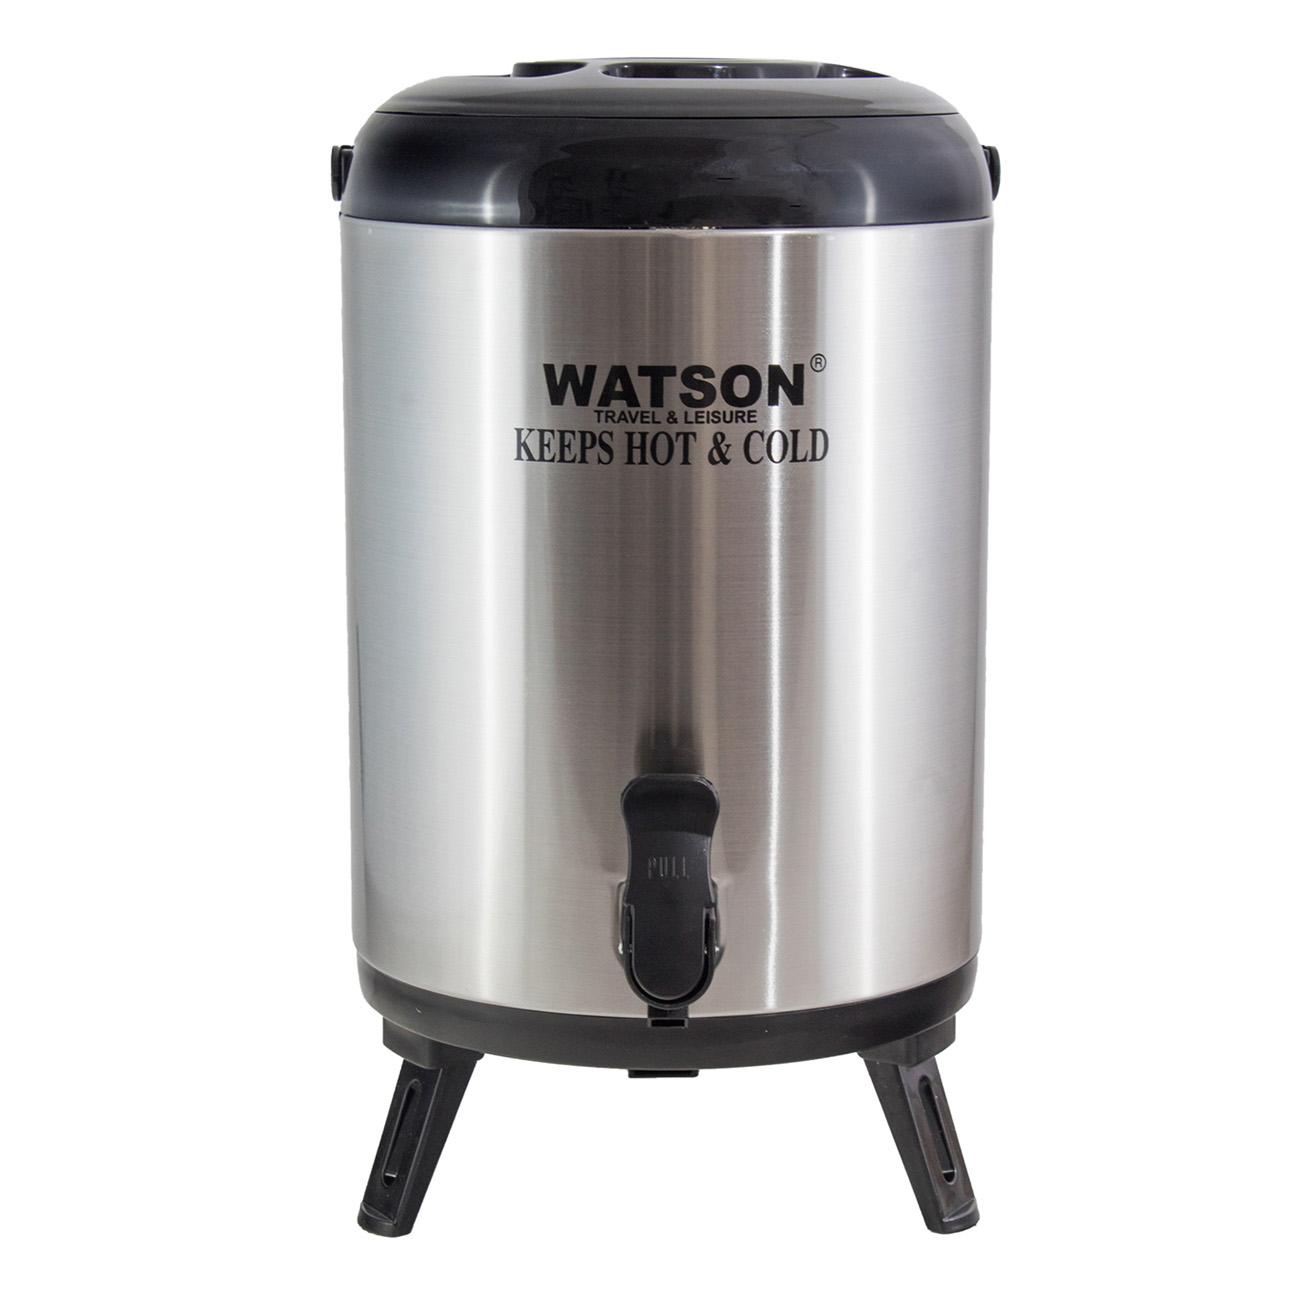 کلمن واتسون کد 206 ظرفیت 10 لیتر